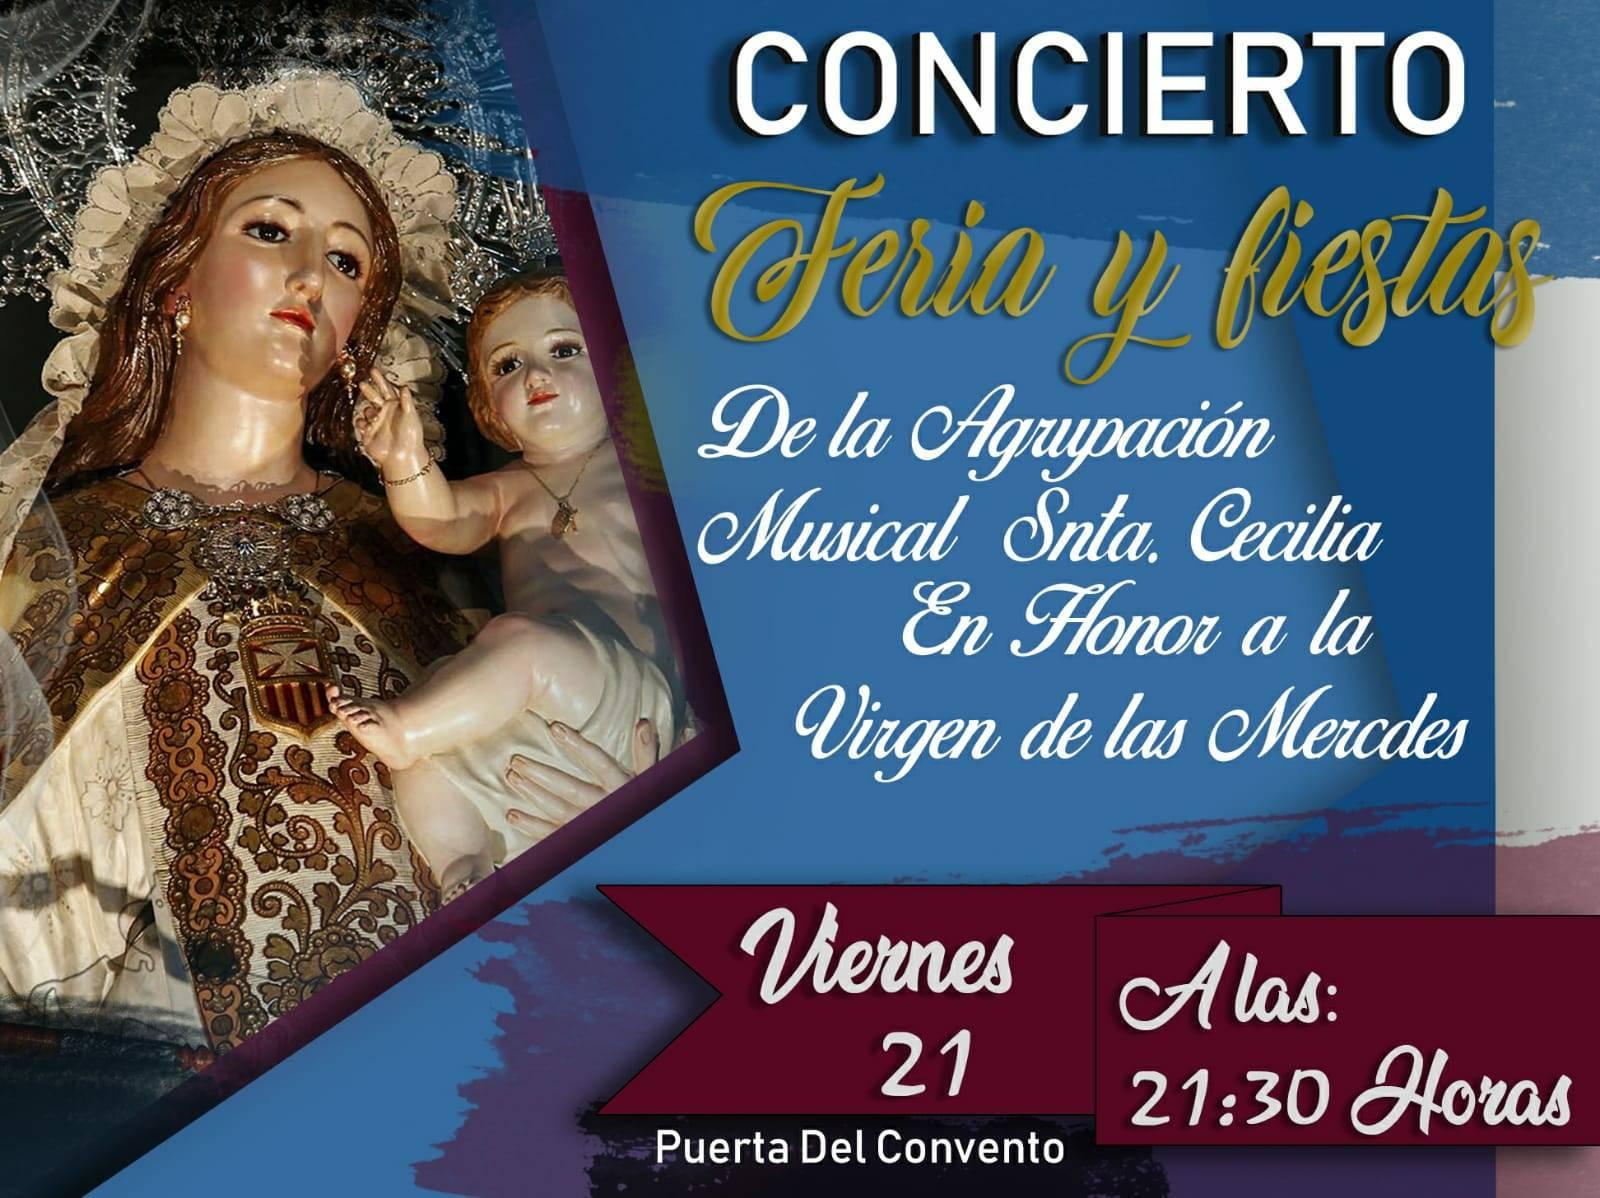 Concierto de feria de la agrupación musical Santa Cecilia 3